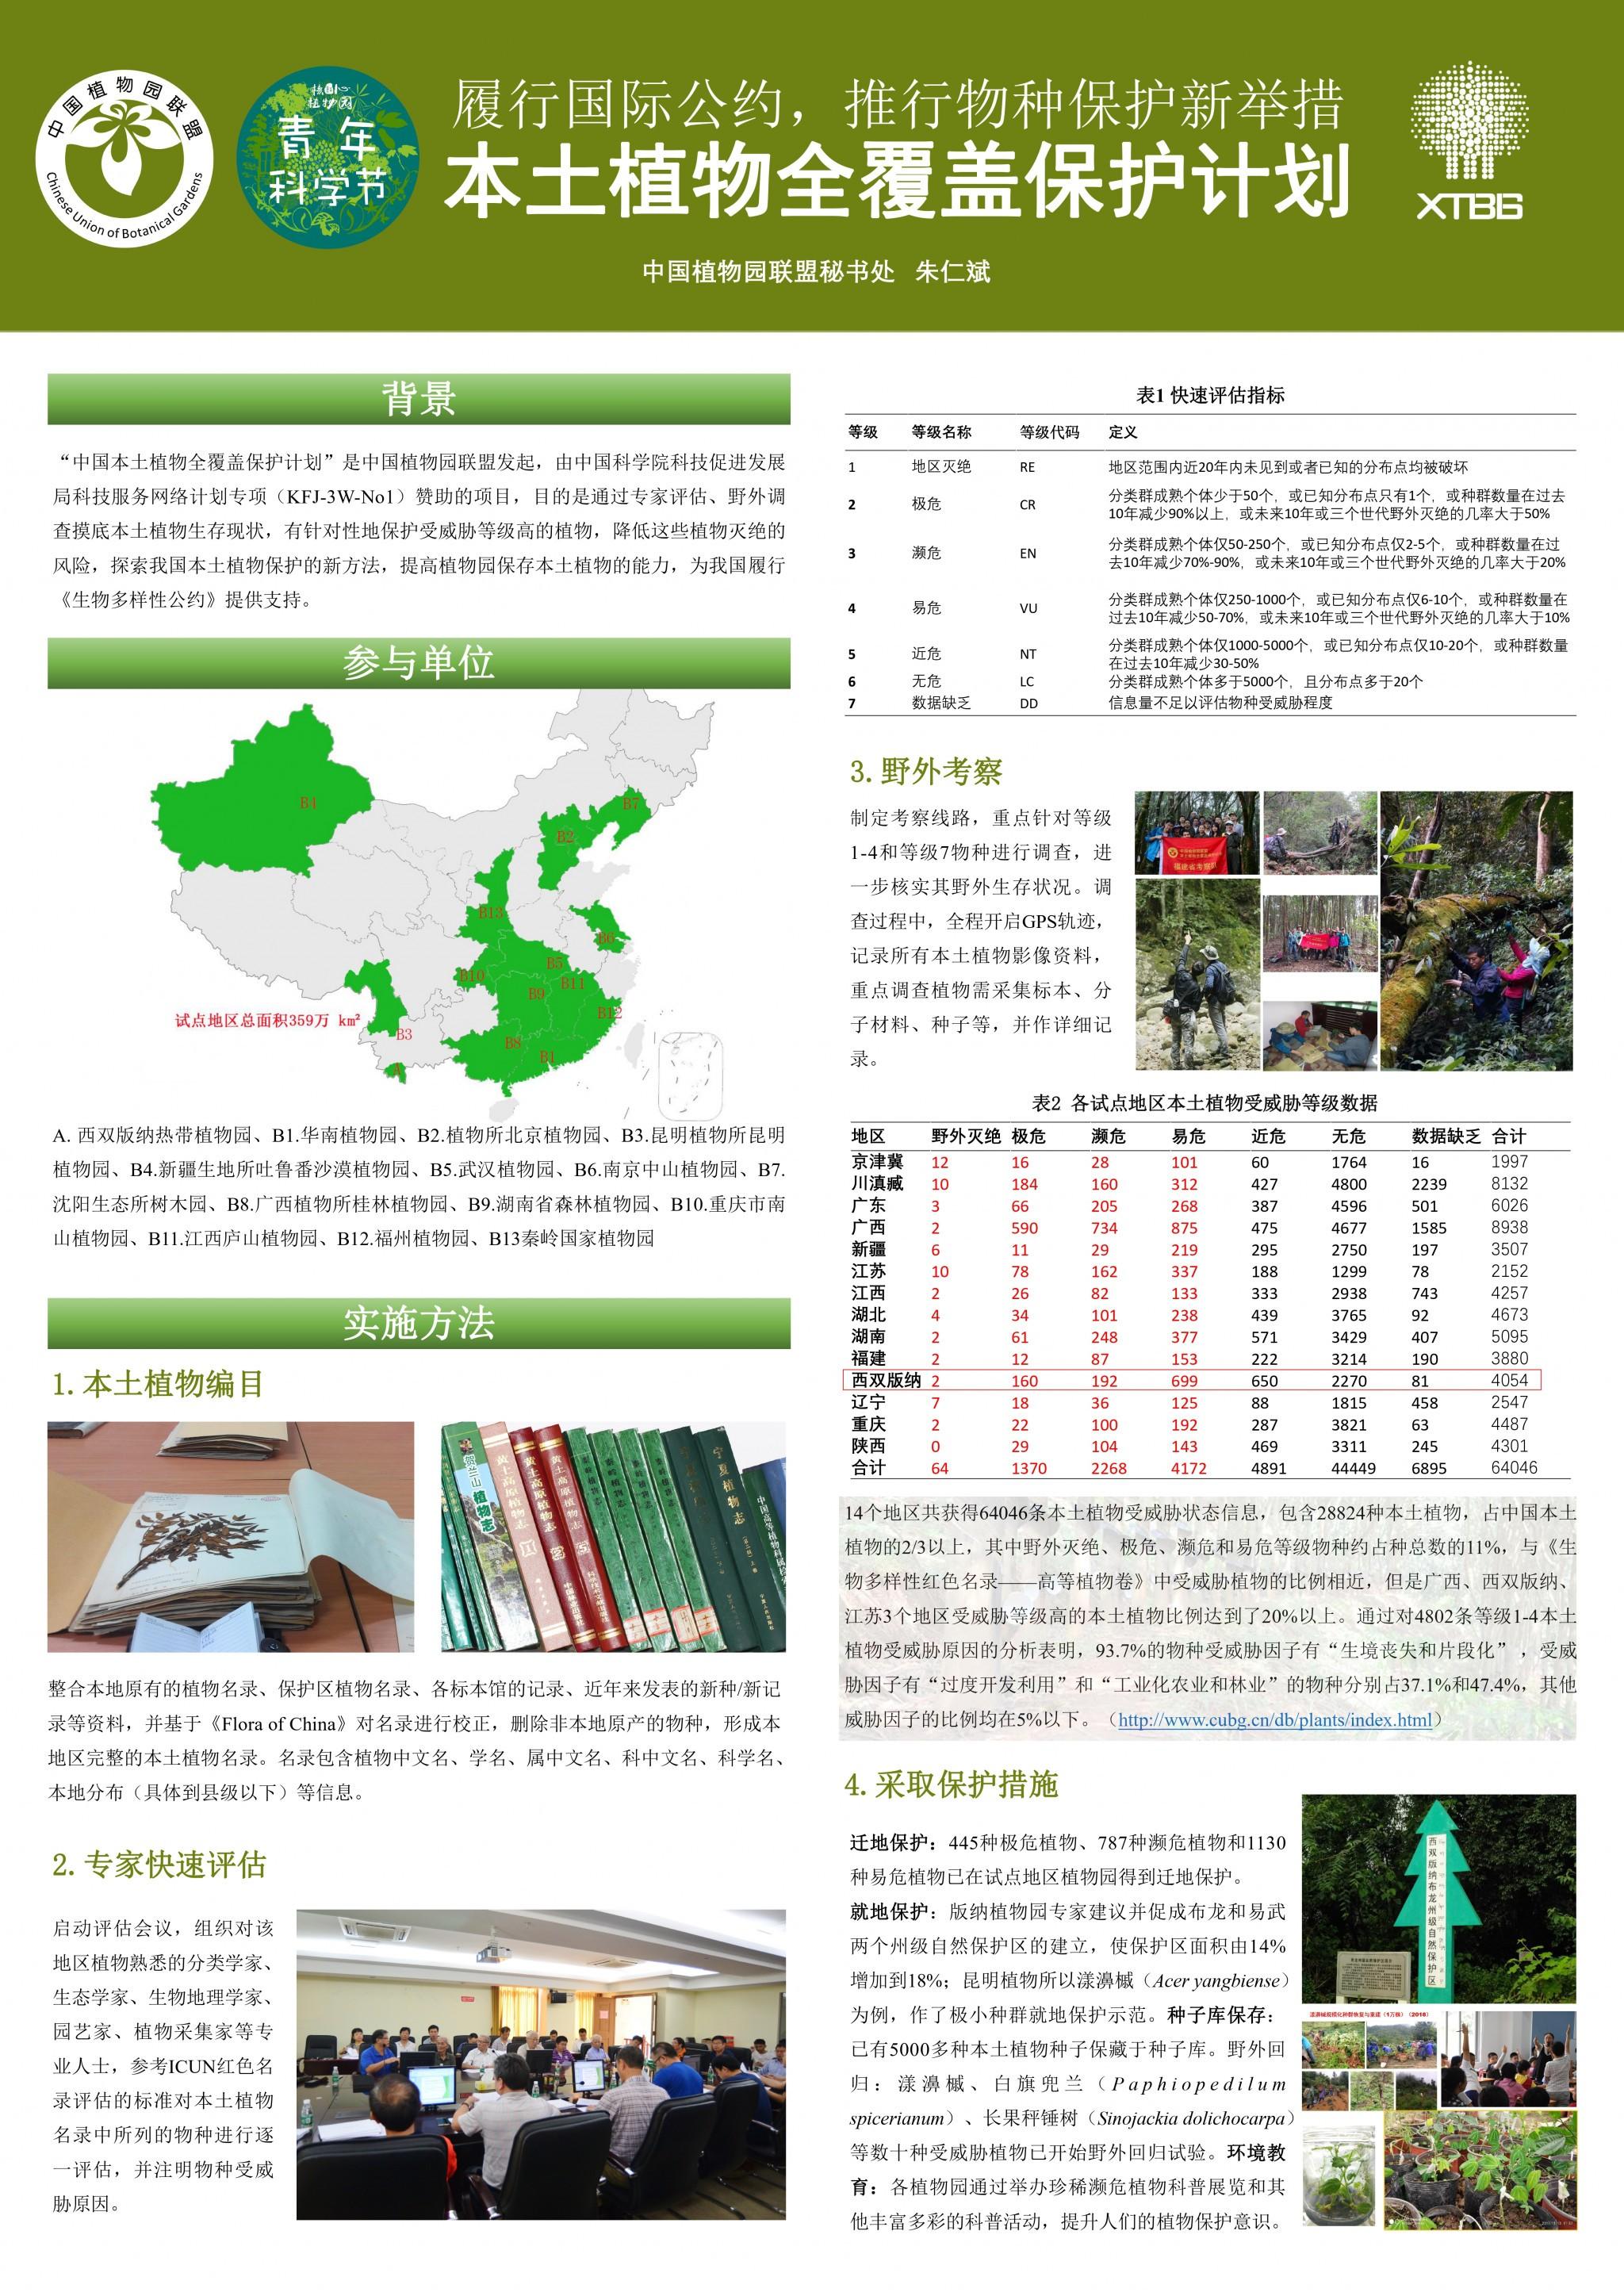 1-3 朱仁斌-本土植物全覆盖保护计划